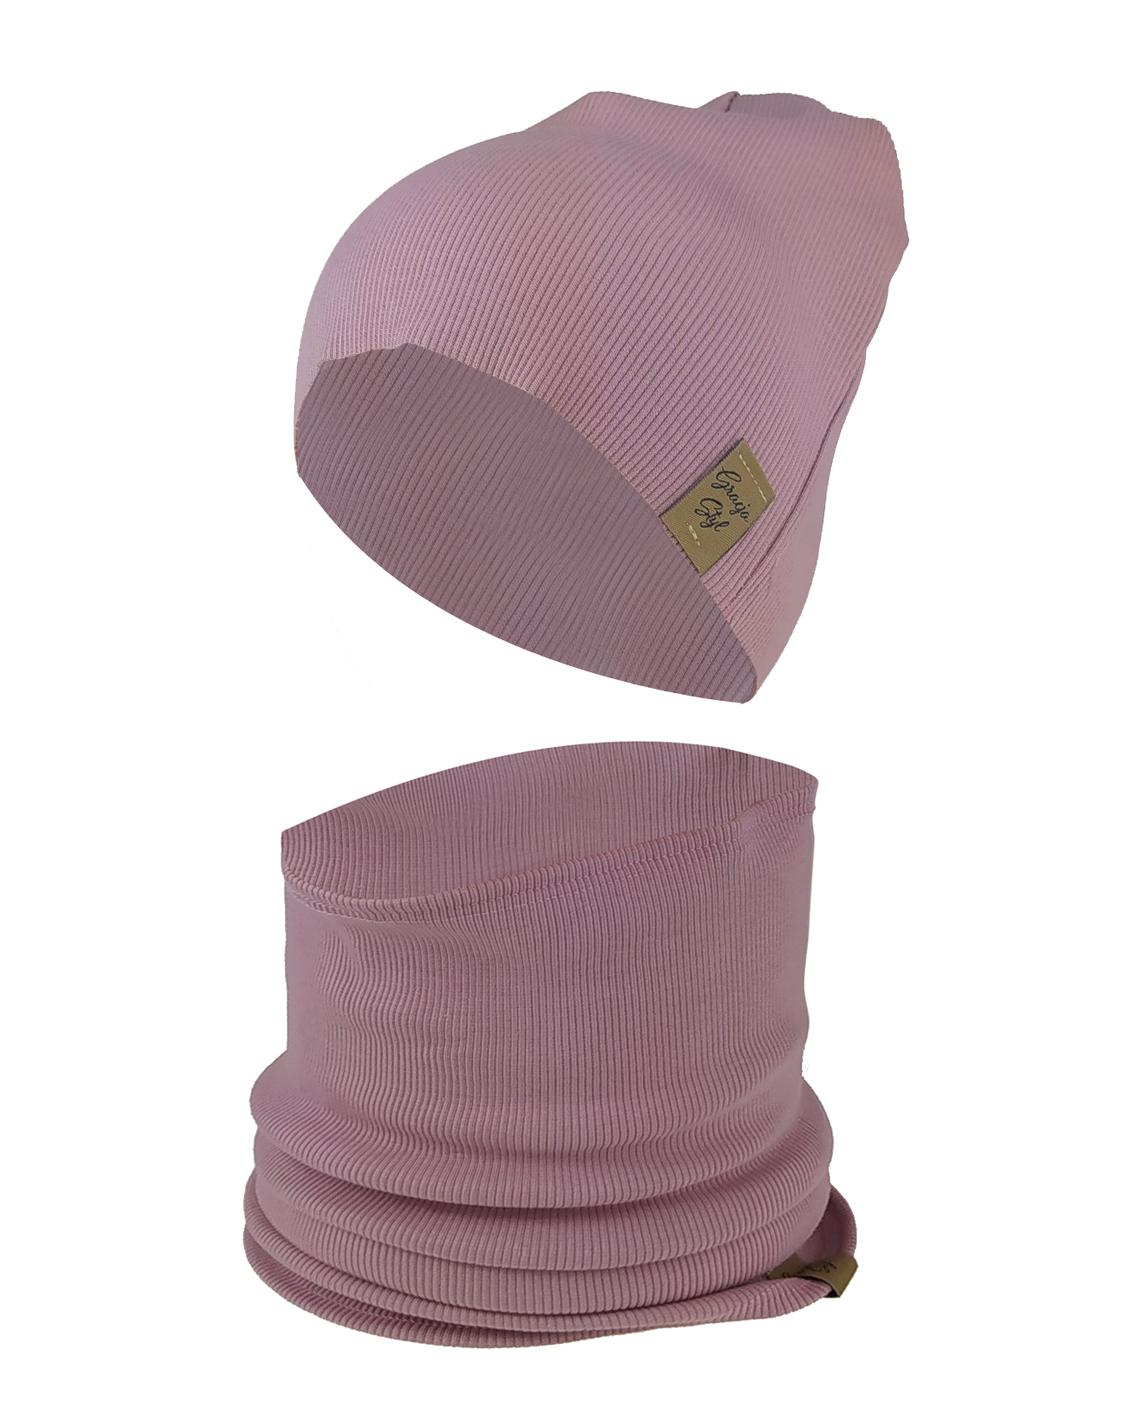 Zestaw CZAPKA + KOMIN piękna ozdoba główki dla malucha jak i zarówno dla starszych dziewczynek. Wykonany z Pojedynczej elastycznej dresówki typu ściągacz idealny na chłodniejsze dni. Super zamiennik dla czapek chust, kapeluszy. Dzięki zastosowaniu wysokiej jakości dresówki oraz domieszce elastanu dzianina dobrze się układa, zapobiega przesunięciu się a co za tym idzie w trakcie użytkowania nie zsuwa się z USZÓW.